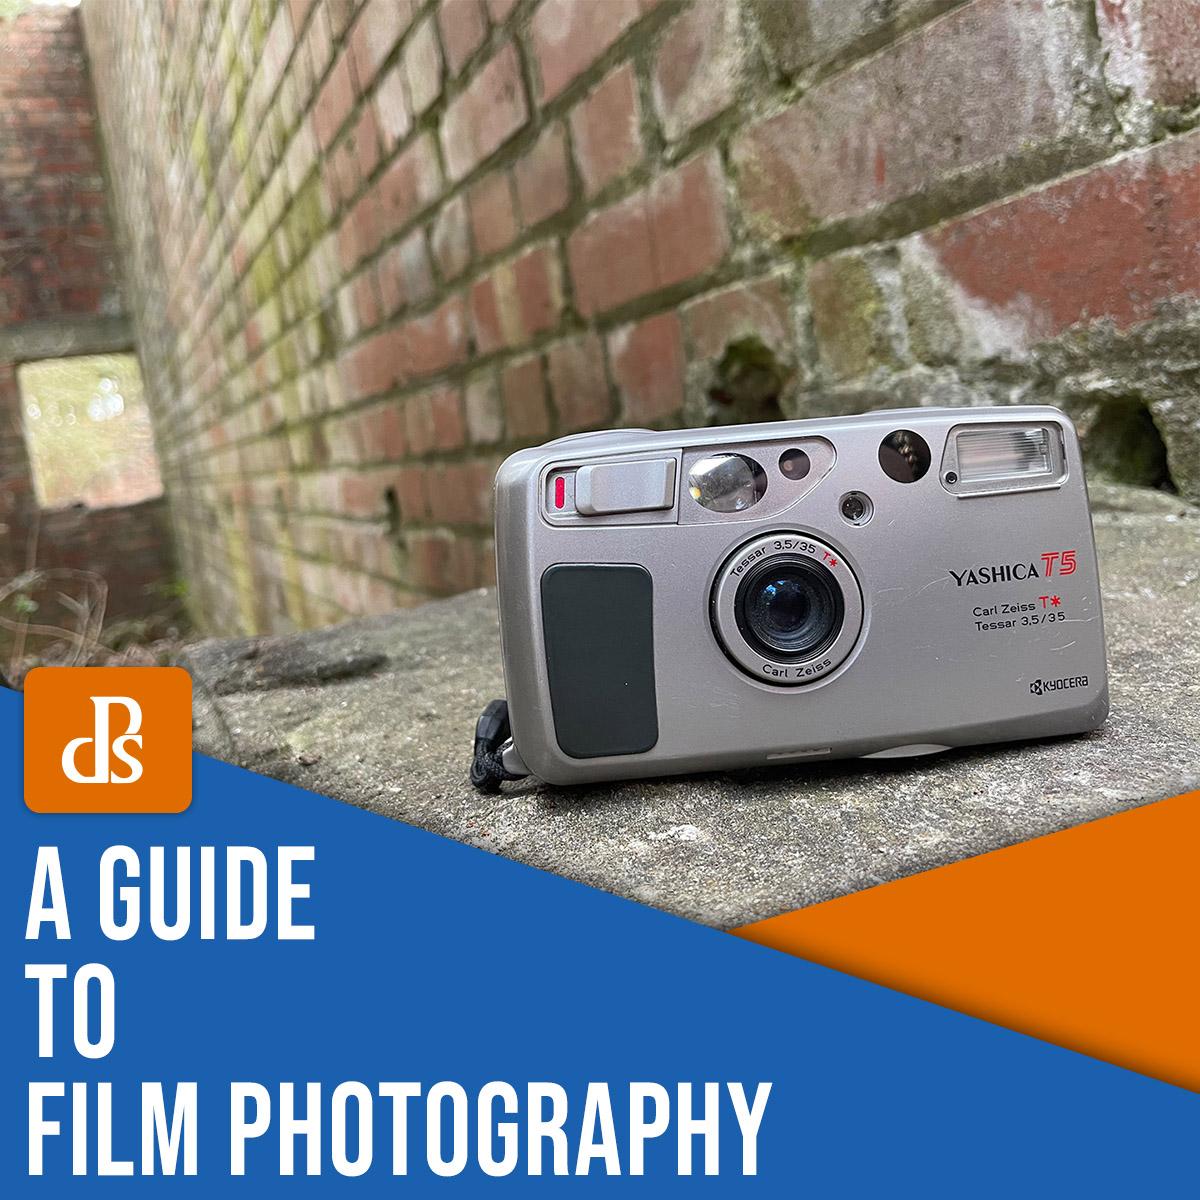 um guia de fotografia cinematográfica